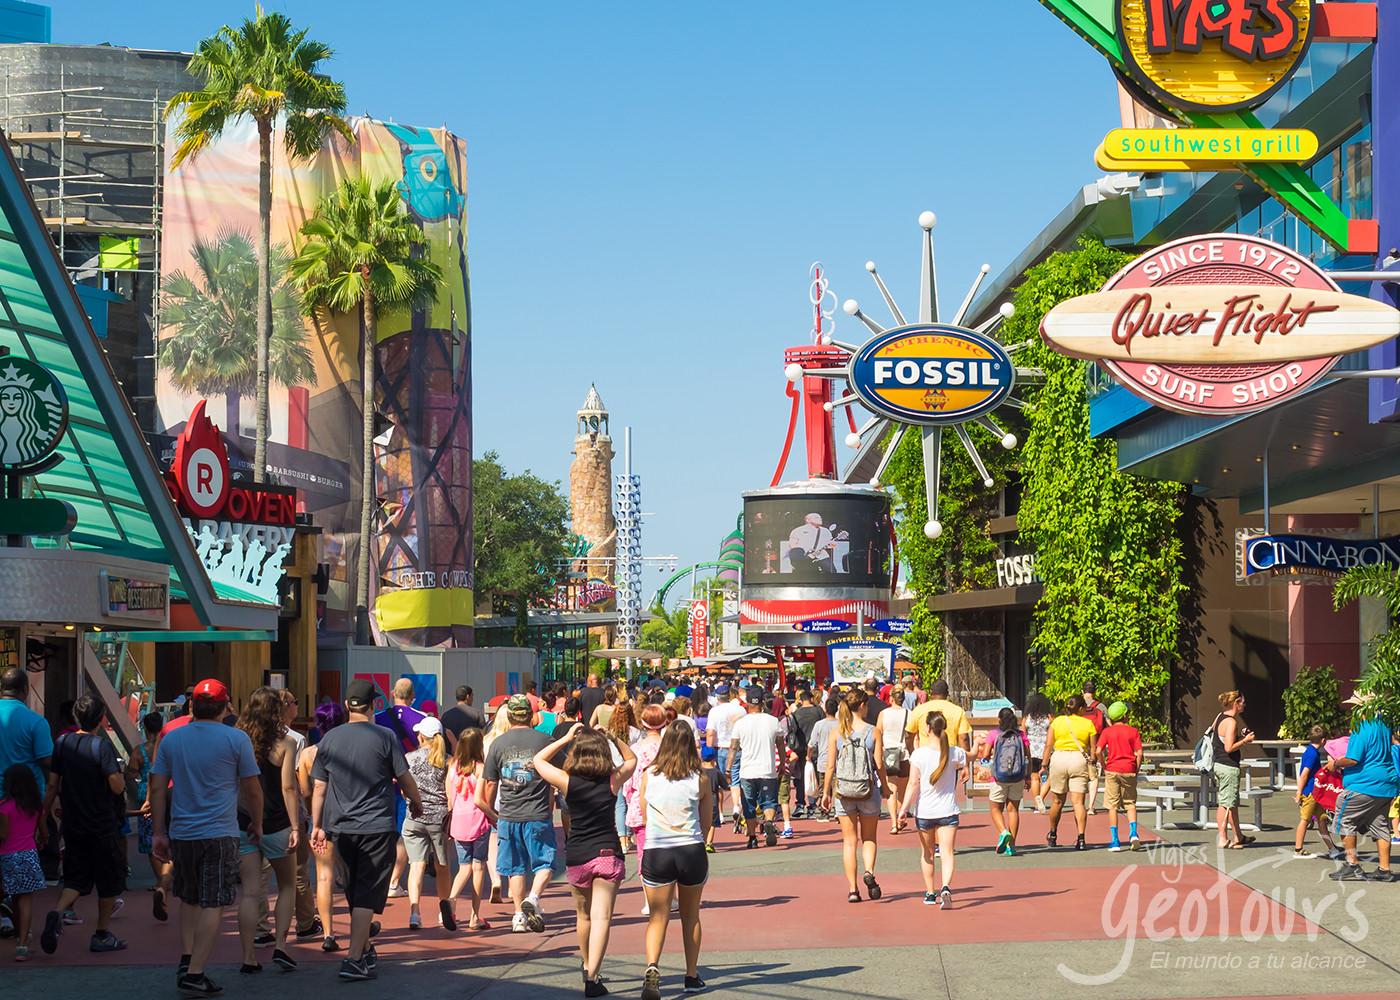 Paquete turístico a la Florida 8 dias